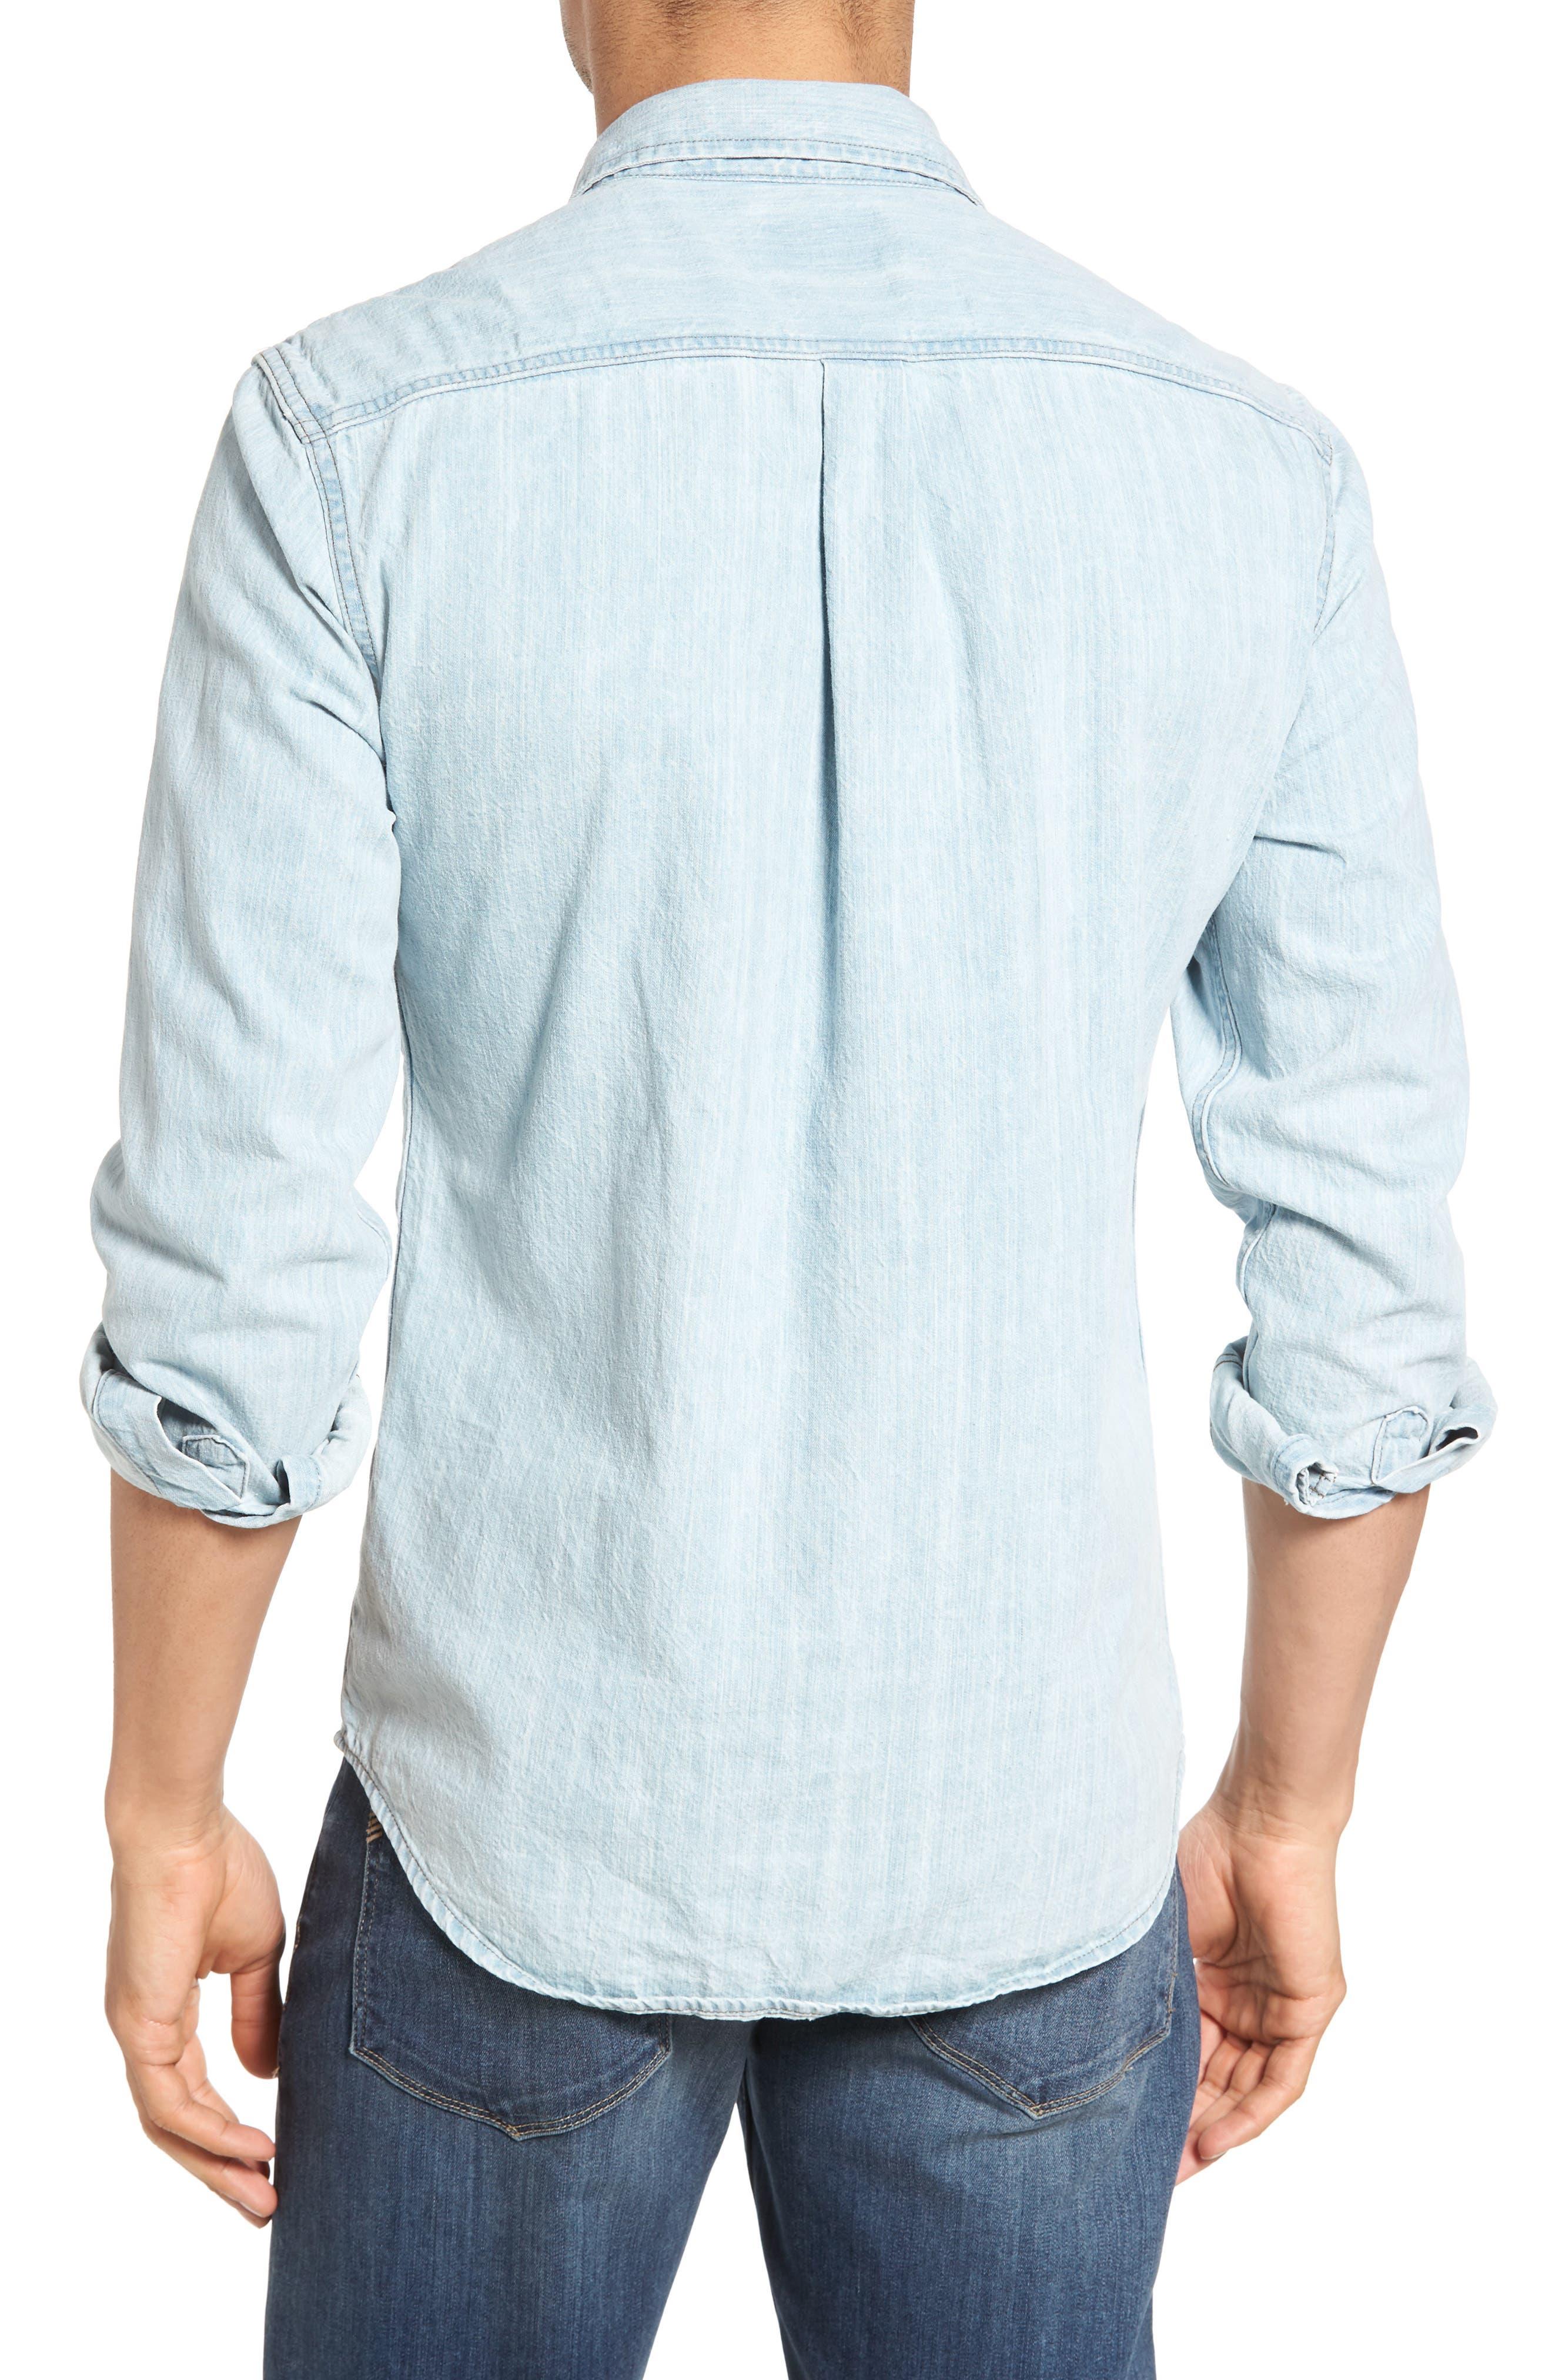 Selvedge Denim Shirt,                             Alternate thumbnail 2, color,                             414